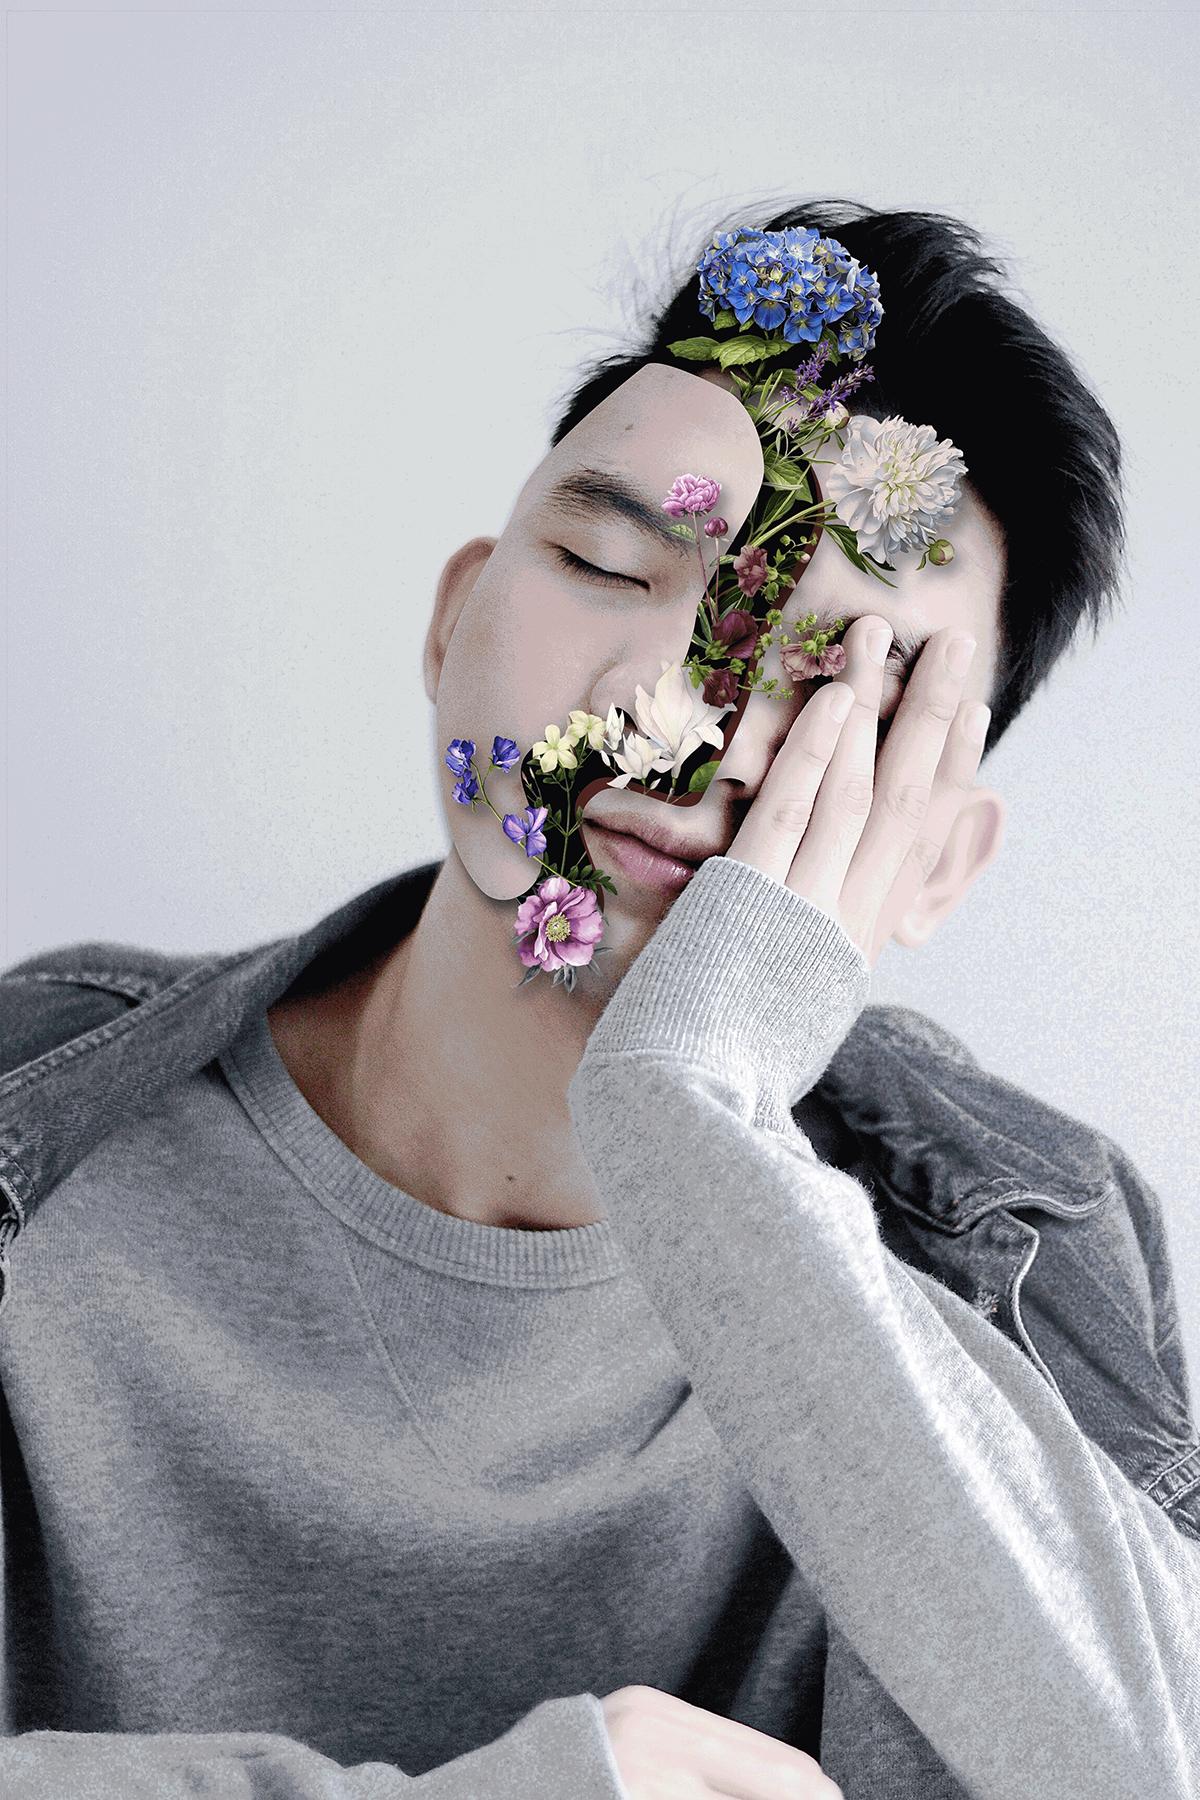 photomanipulation photoshop Flowers unsplash montagem concept design floral Flores graphicdesign